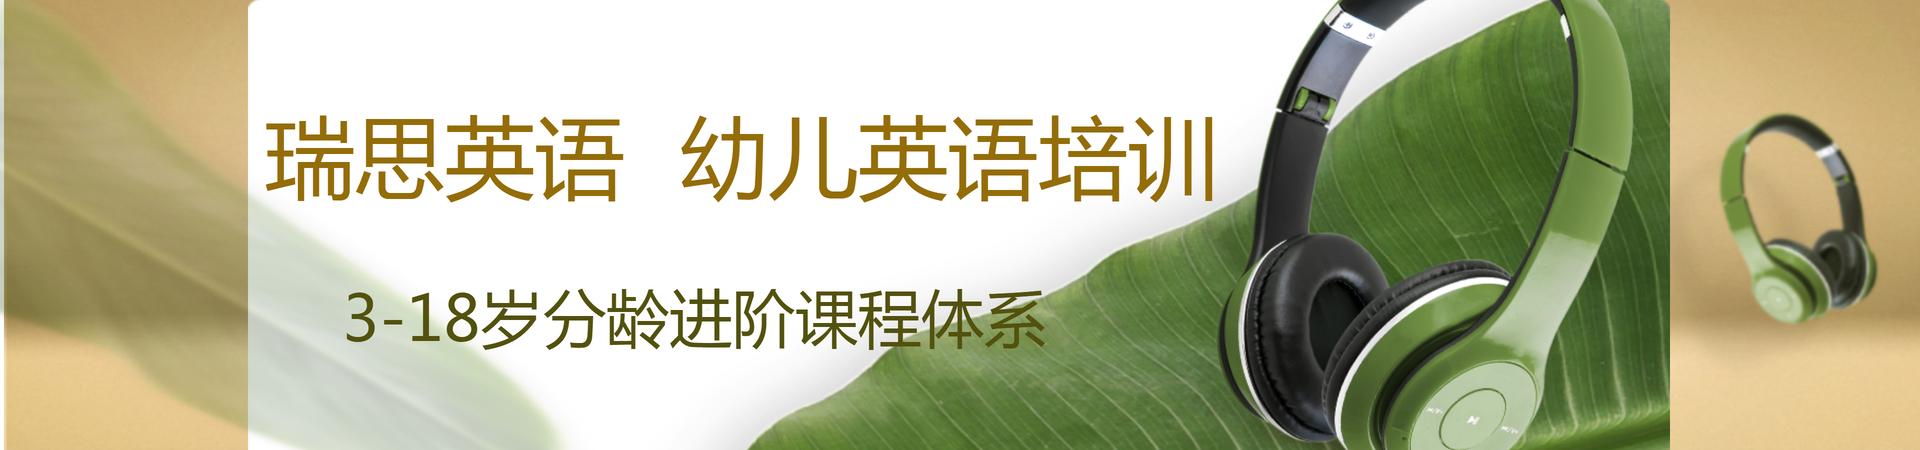 重庆沙坝坪万达广场瑞思英语培训